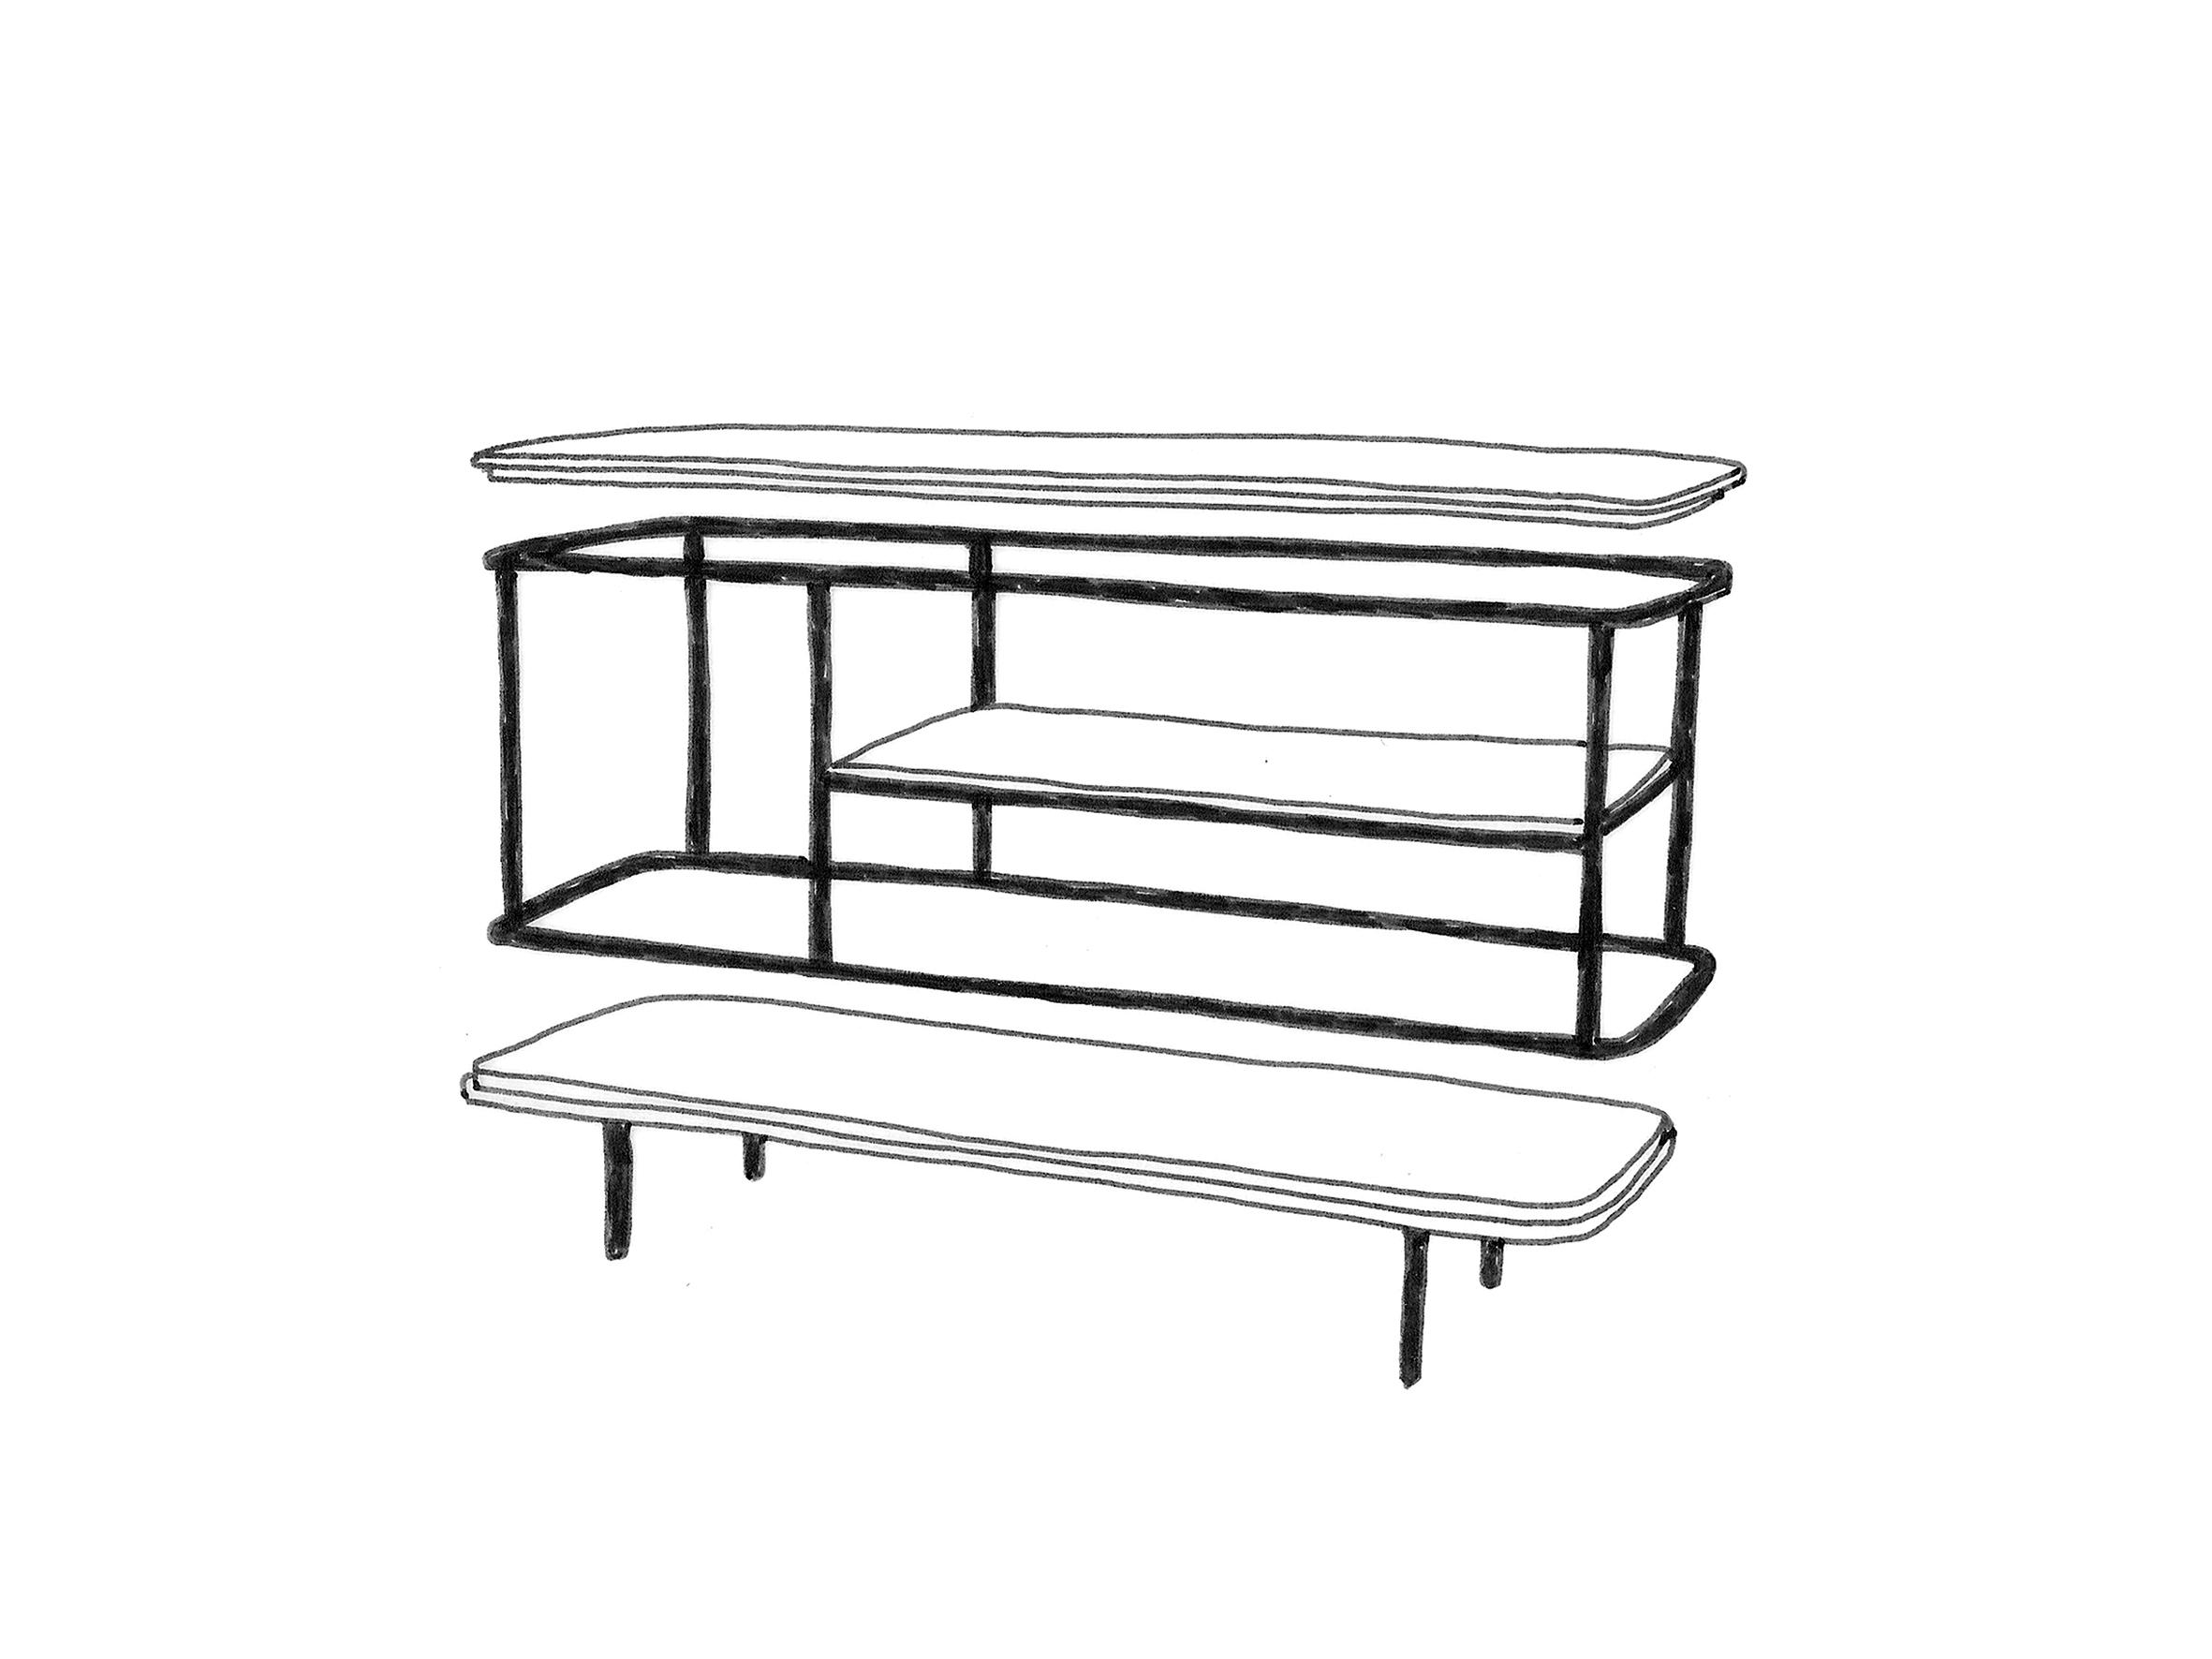 Une structure métallique filaire dessine le volume global du meuble, plusieurs plateaux en bois viennent se poser sur la structure afin d'offrir différentes surfaces de rangement.